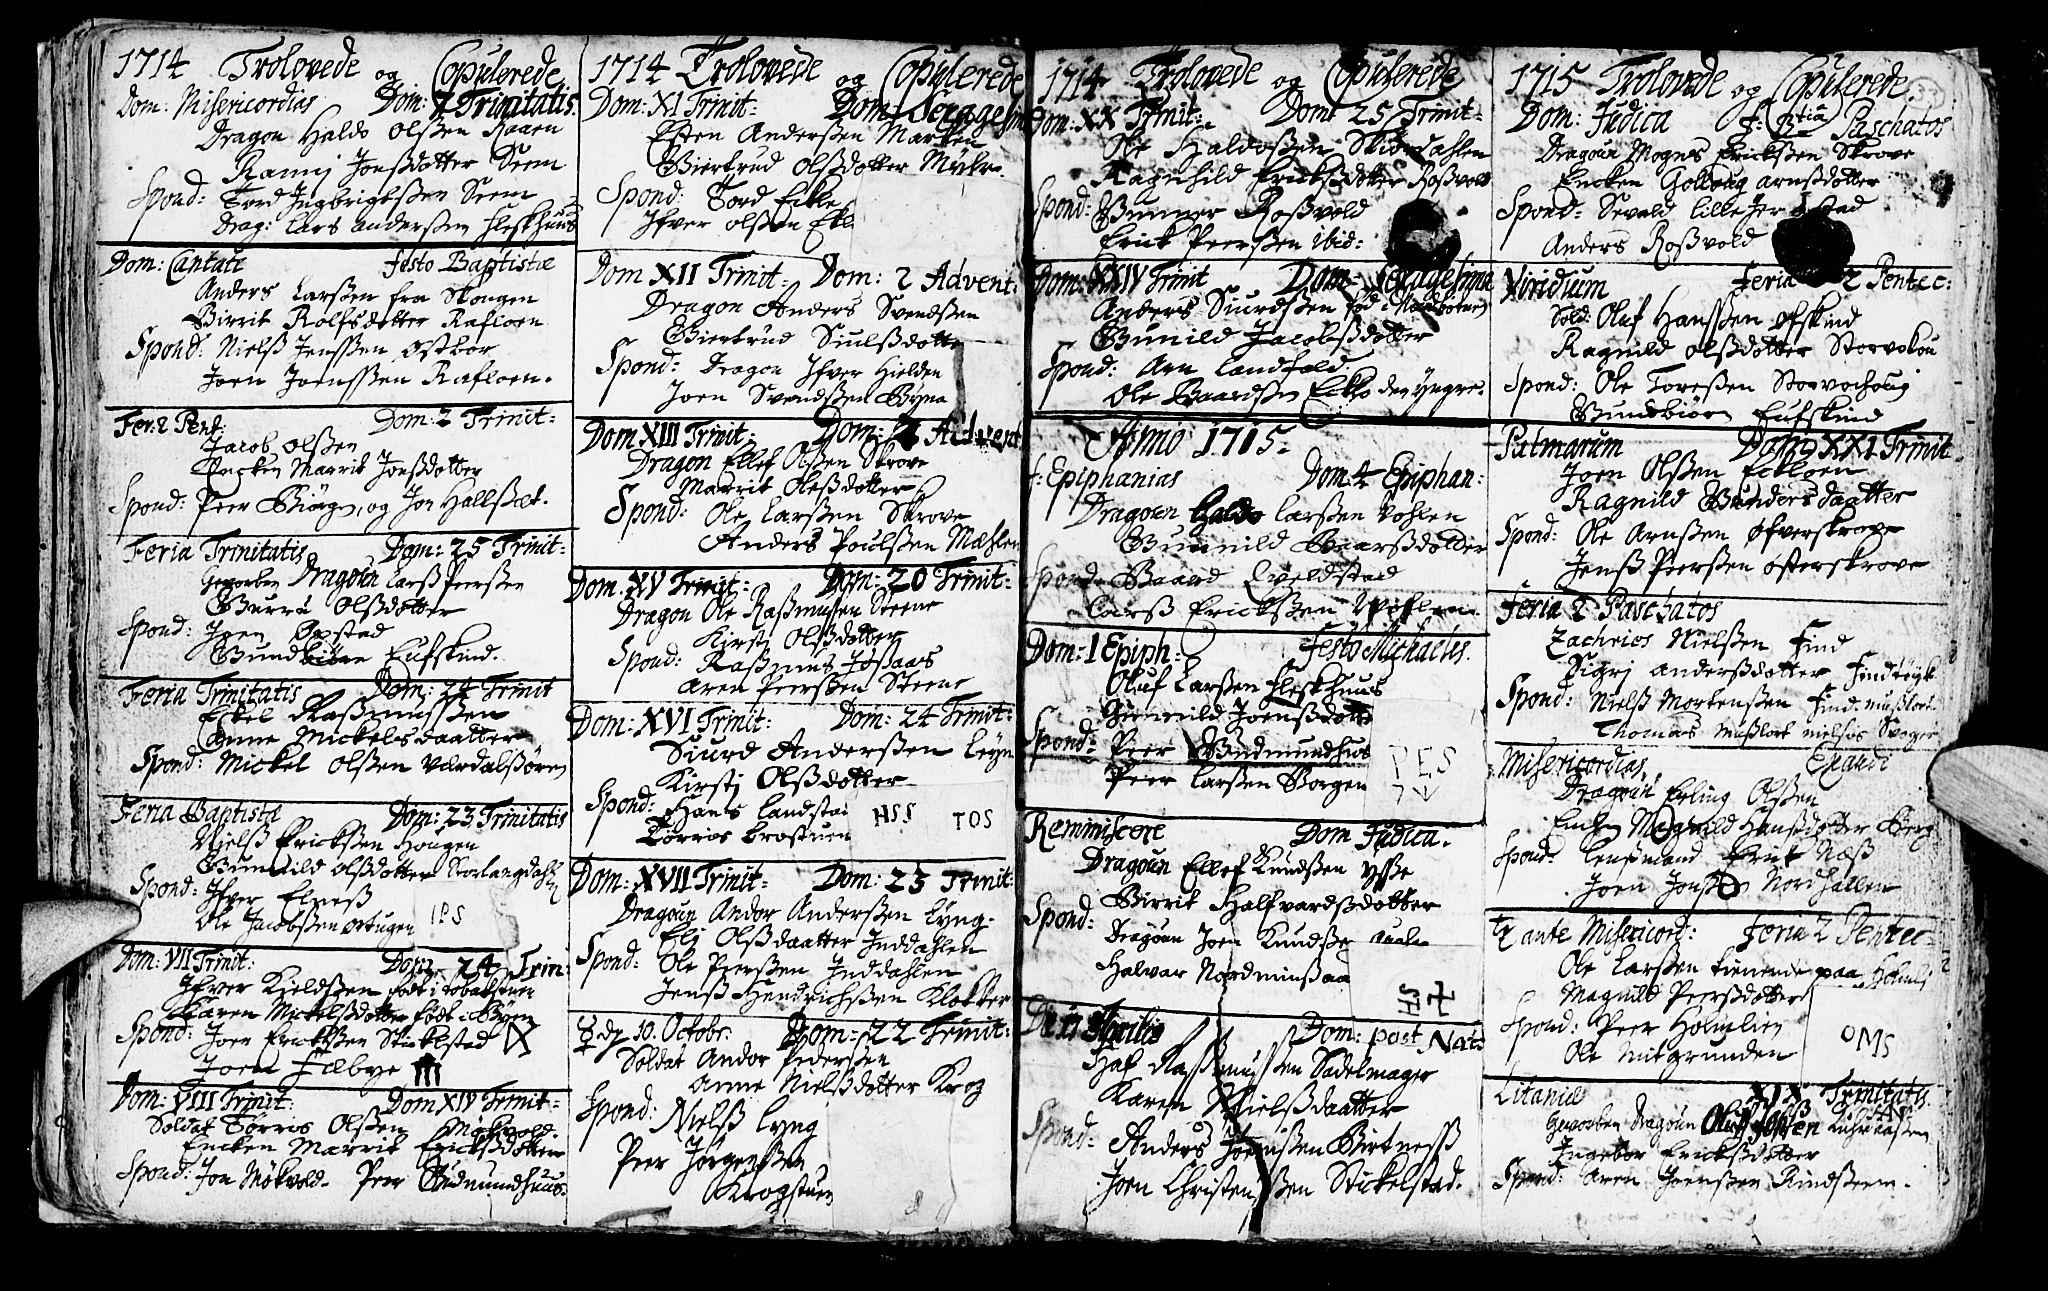 SAT, Ministerialprotokoller, klokkerbøker og fødselsregistre - Nord-Trøndelag, 723/L0230: Ministerialbok nr. 723A01, 1705-1747, s. 33